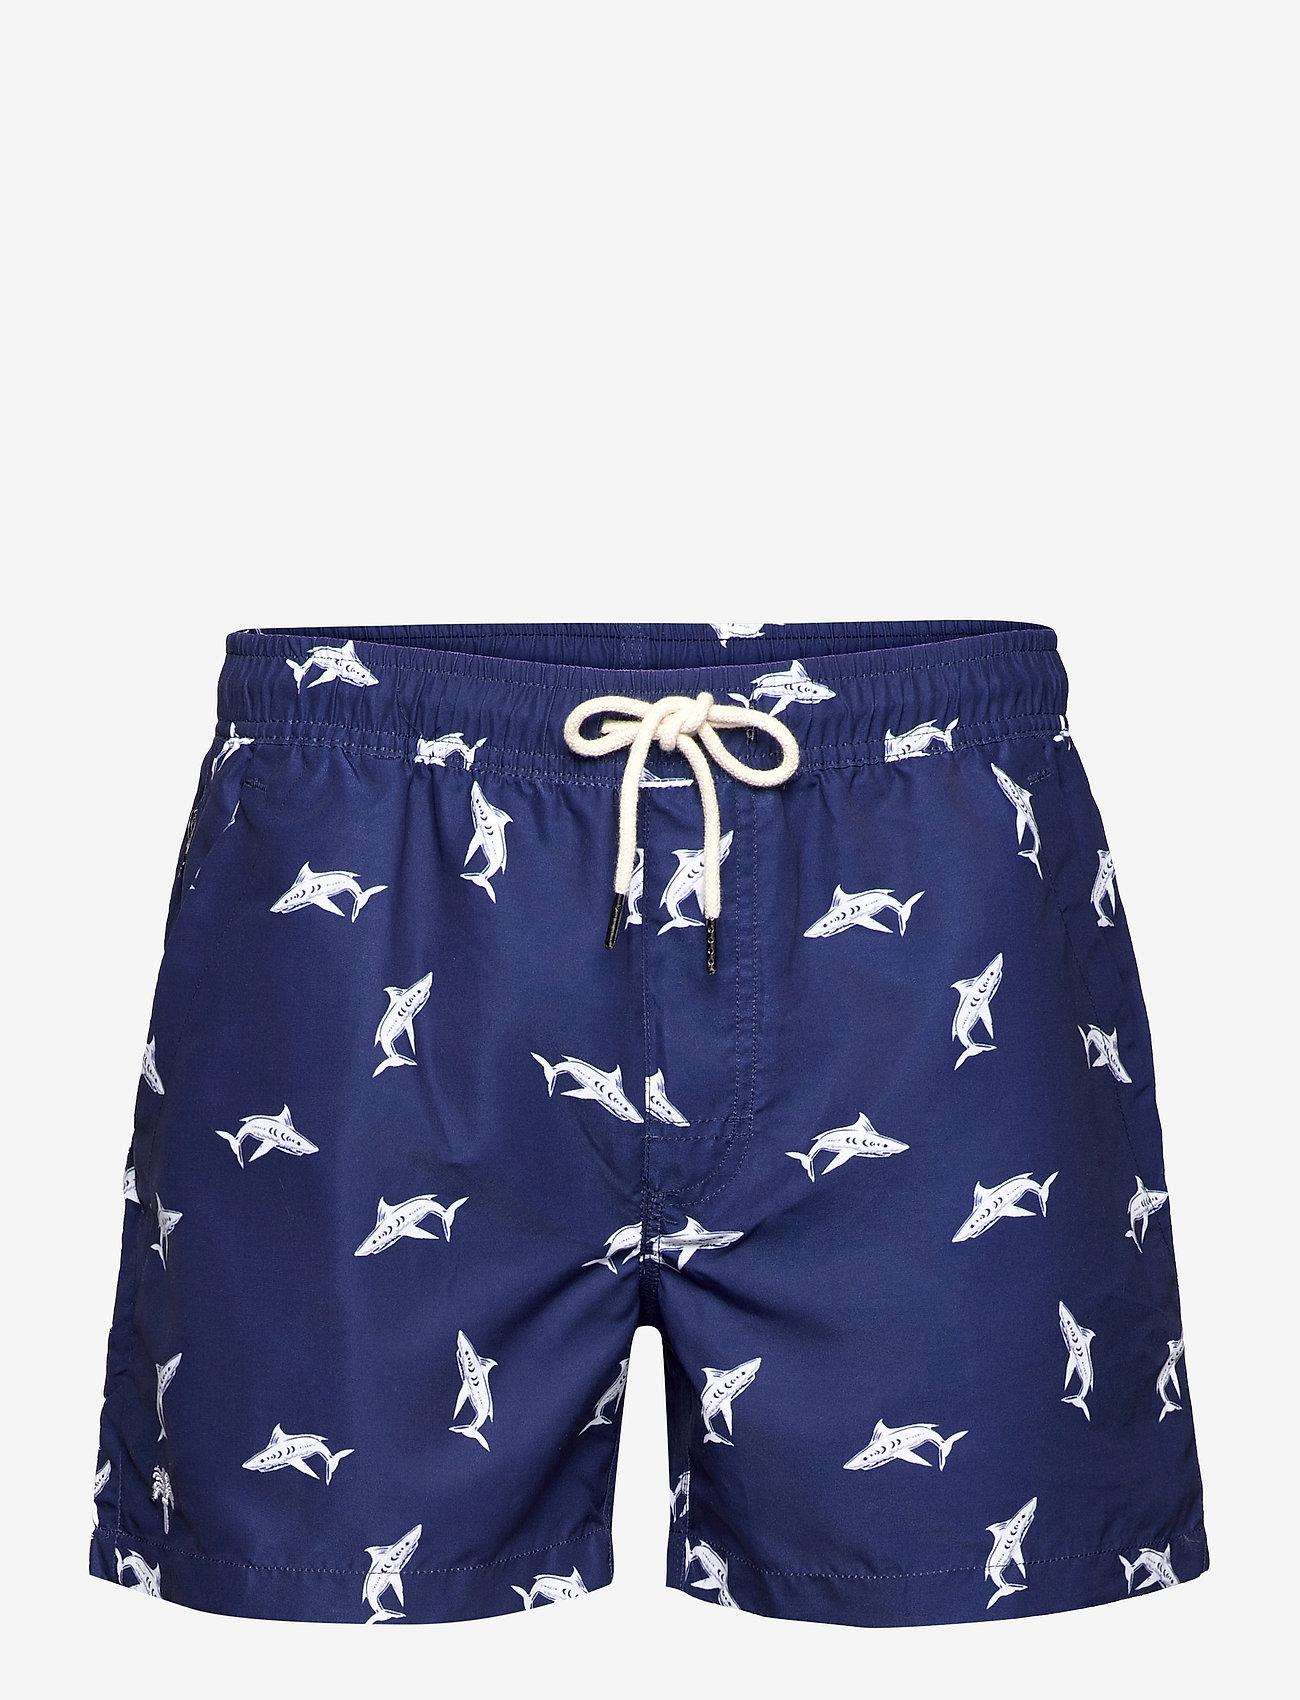 OAS - Shark Swim shorts - shorts - blue - 0